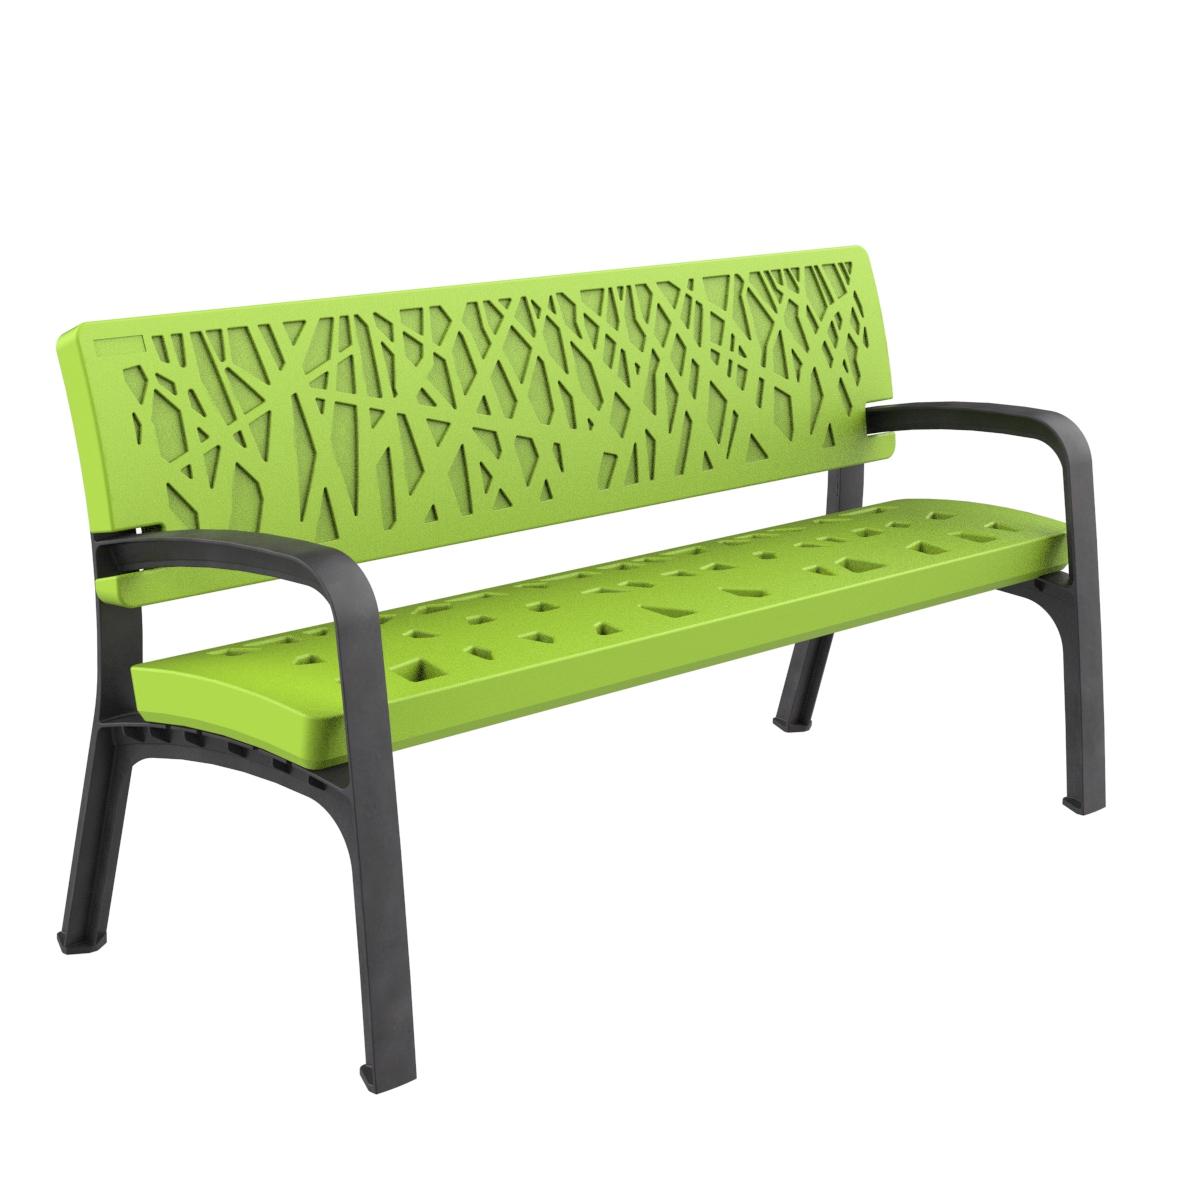 Banc Plàstic Maverik Polietilè Mobiliari urbà per a sentar-se parcs i jardins